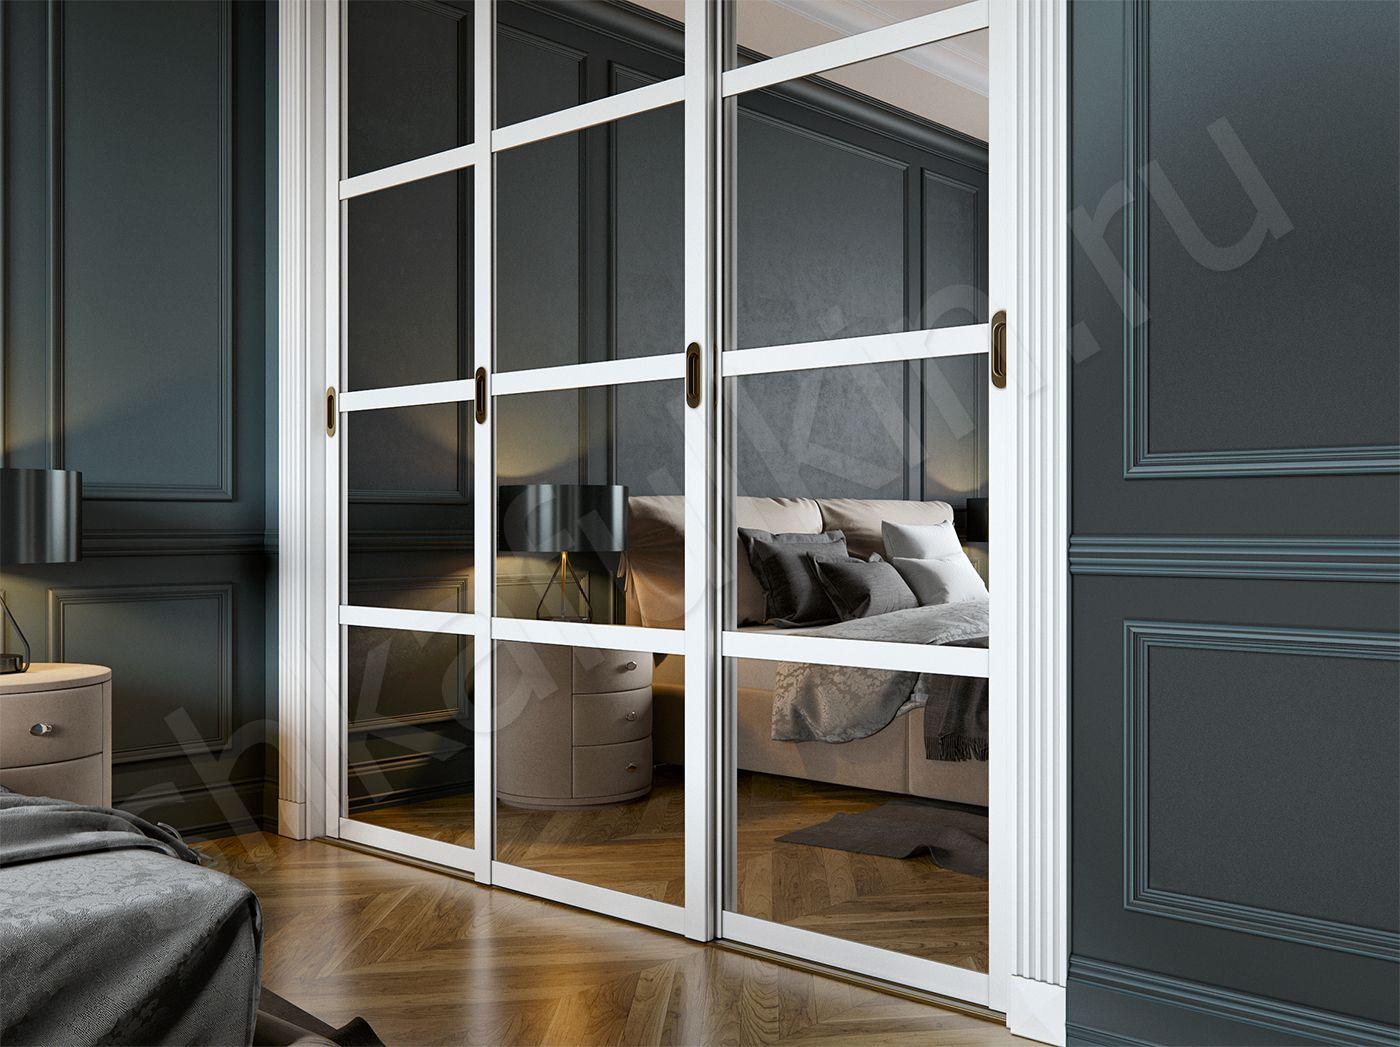 Шкафы икеа: дизайн, актуальные проекты и самые популярные модели шкафов от икеа (185 фото)